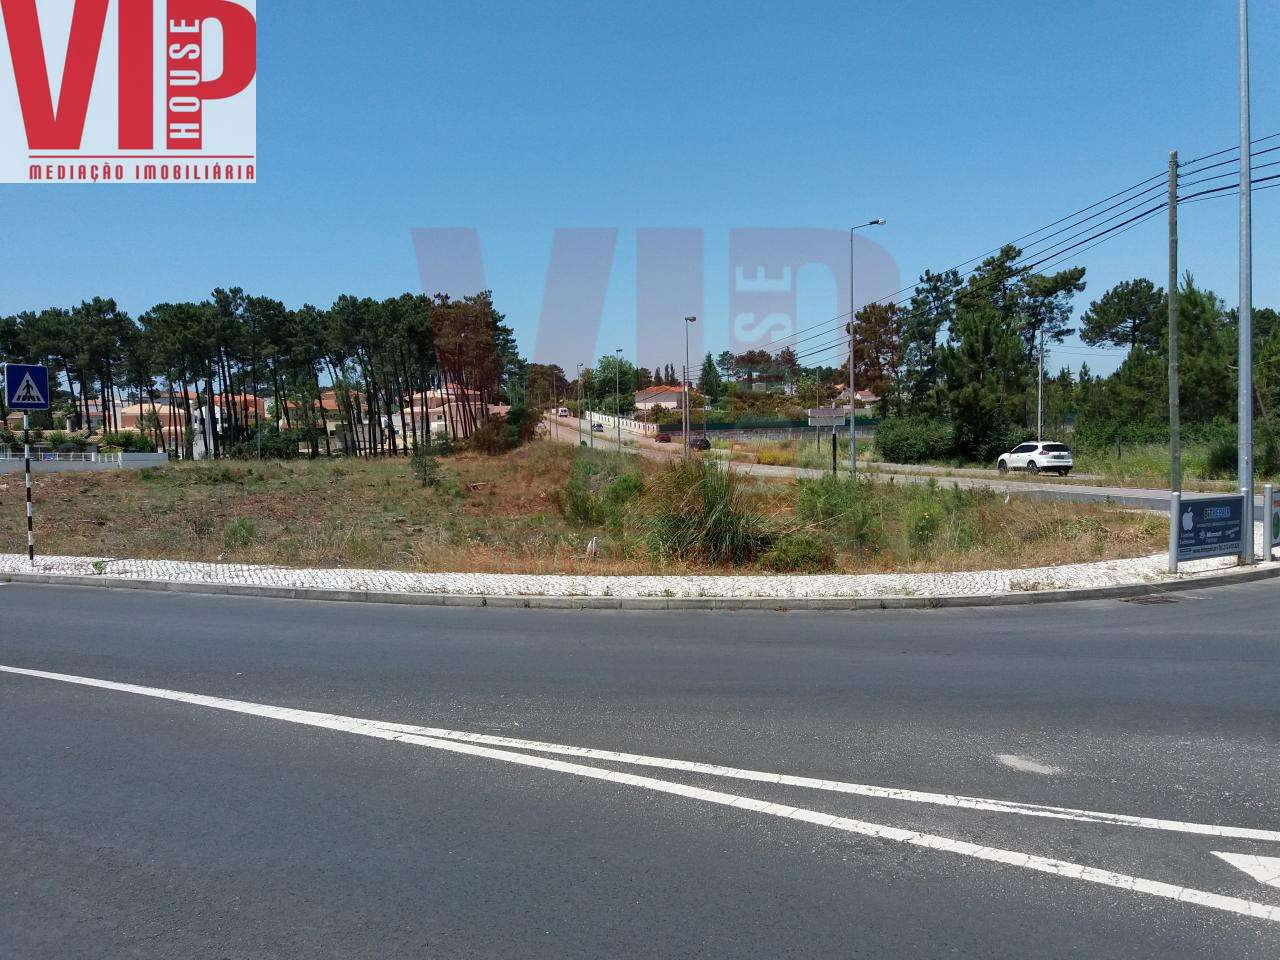 Terreno para comprar, Corroios, Seixal, Setúbal - Foto 2